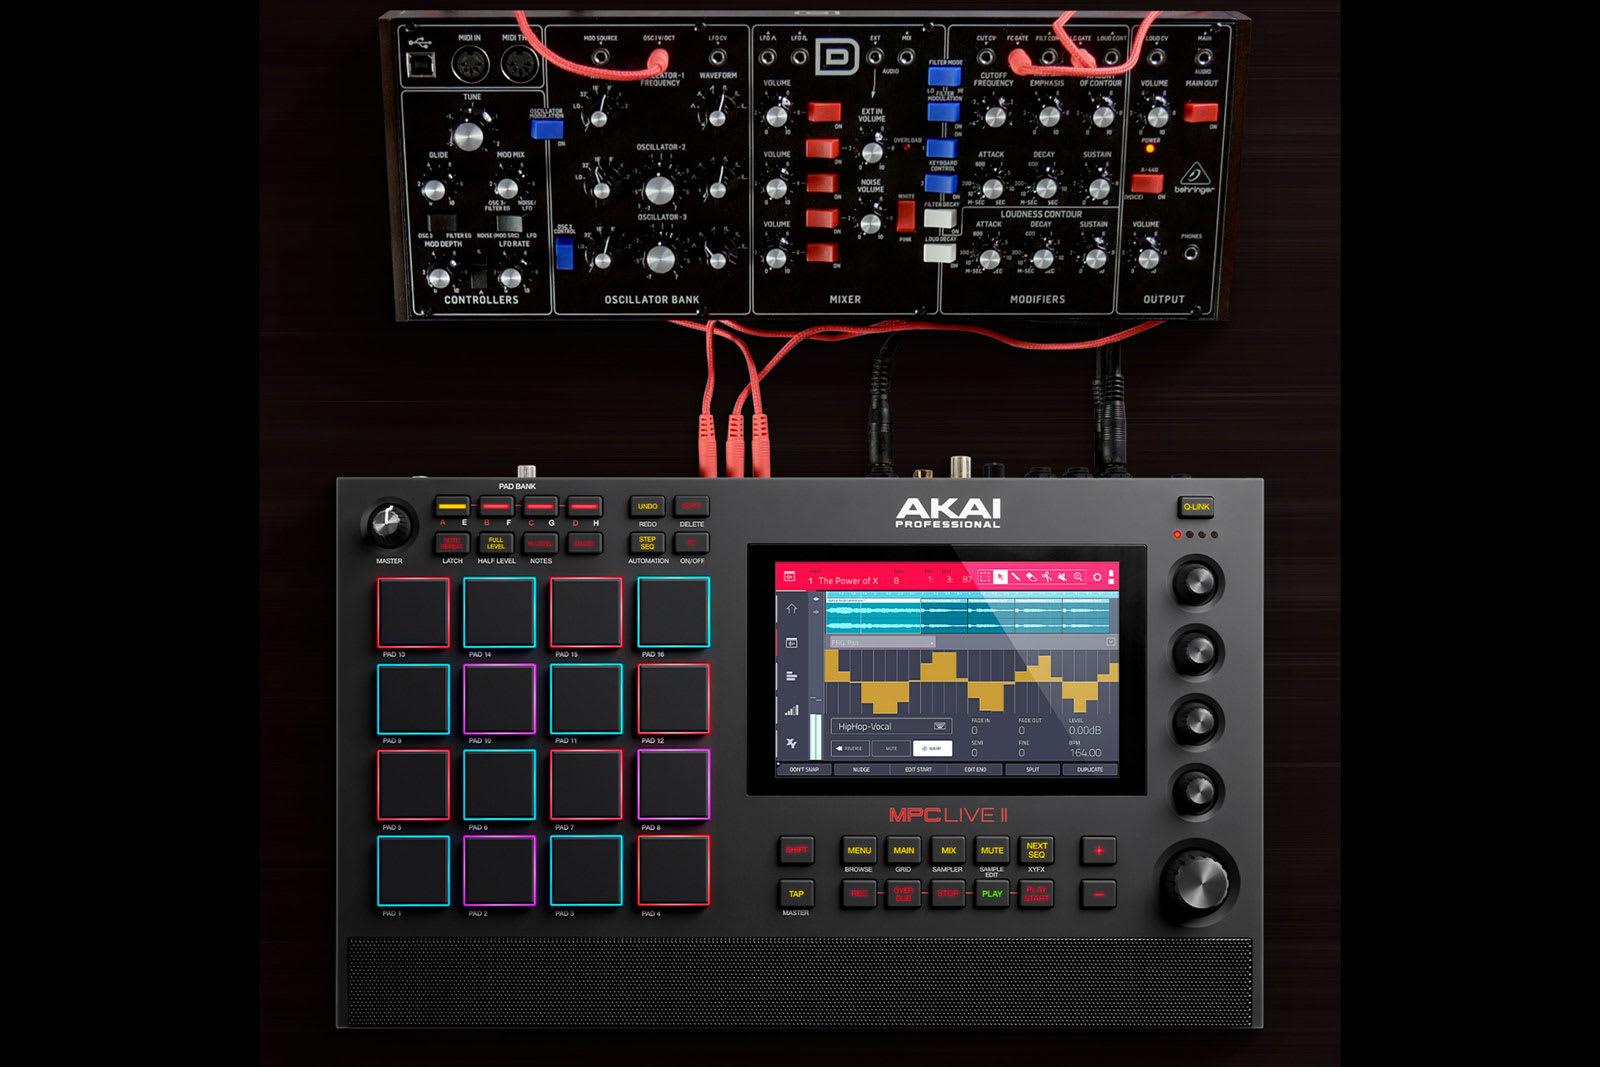 AKAI - MPC Live II